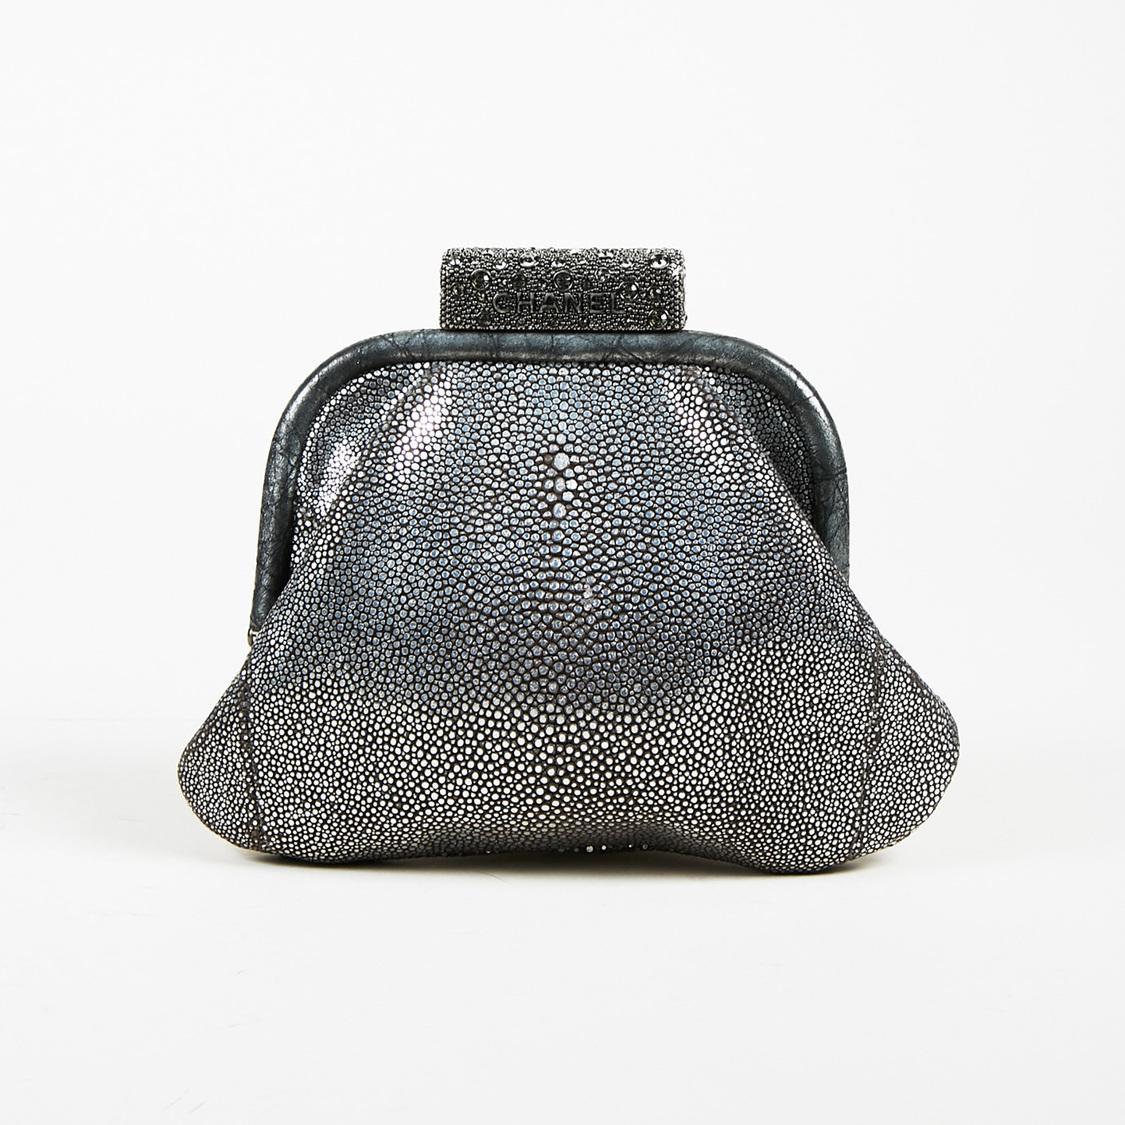 Lyst - Chanel Metallic Silver Stingray Embellished Top Frame Clutch ... b2f7abd7b2cd6